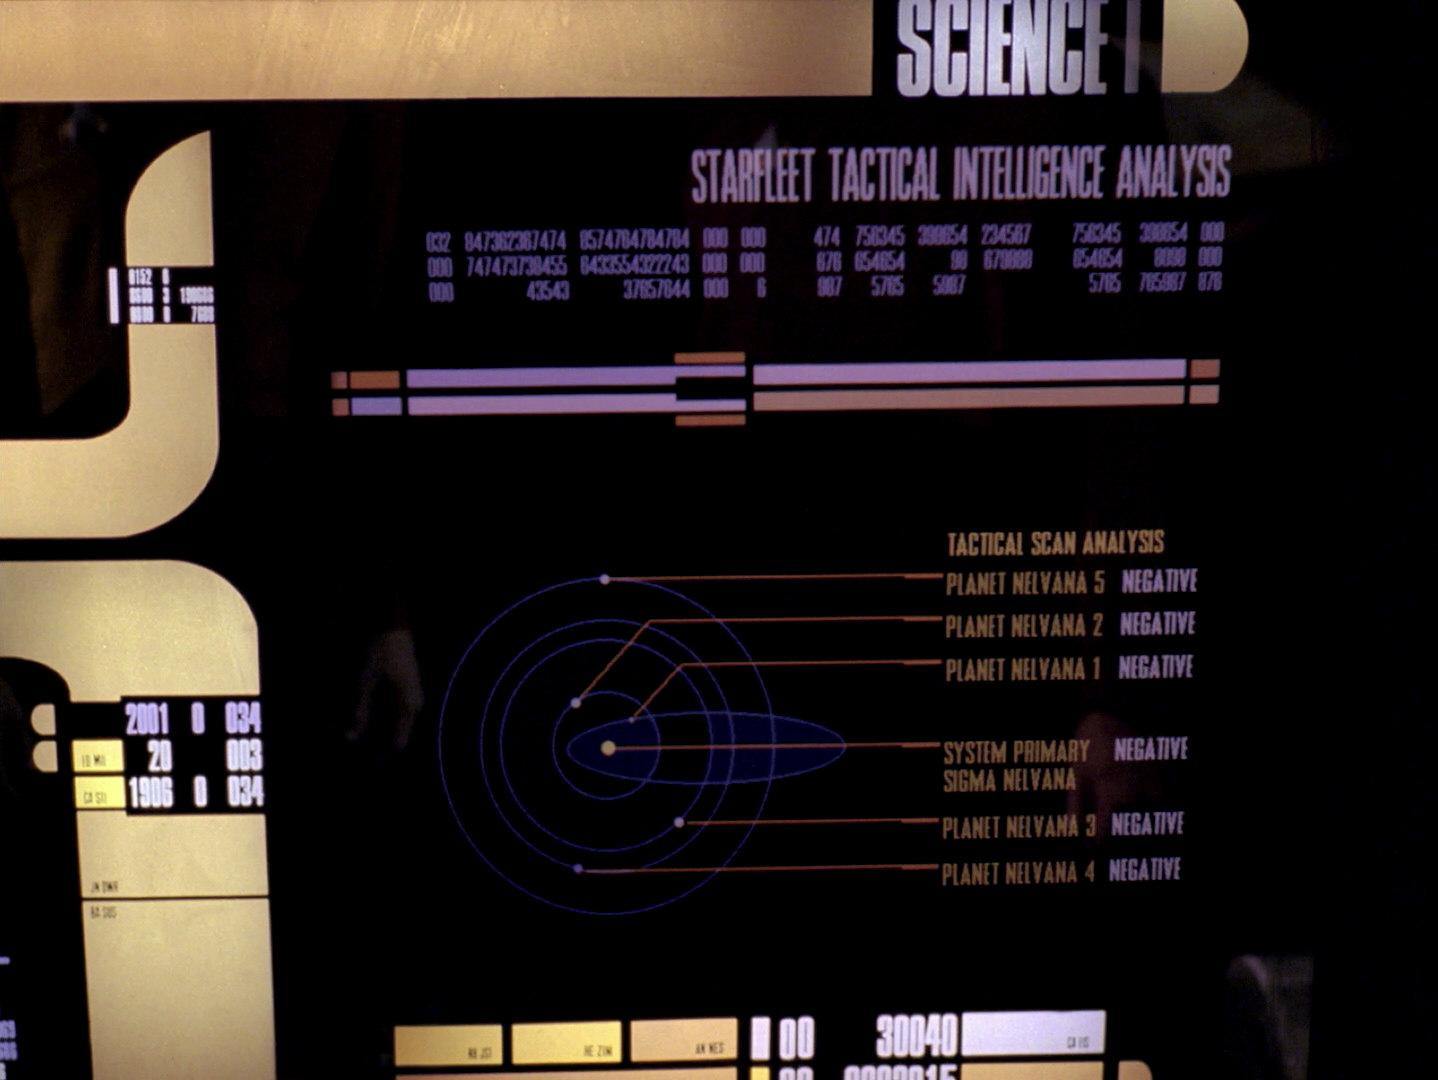 Bild - Diagramm von Nelvana-System auf Wissenschaftsstation.jpg ...